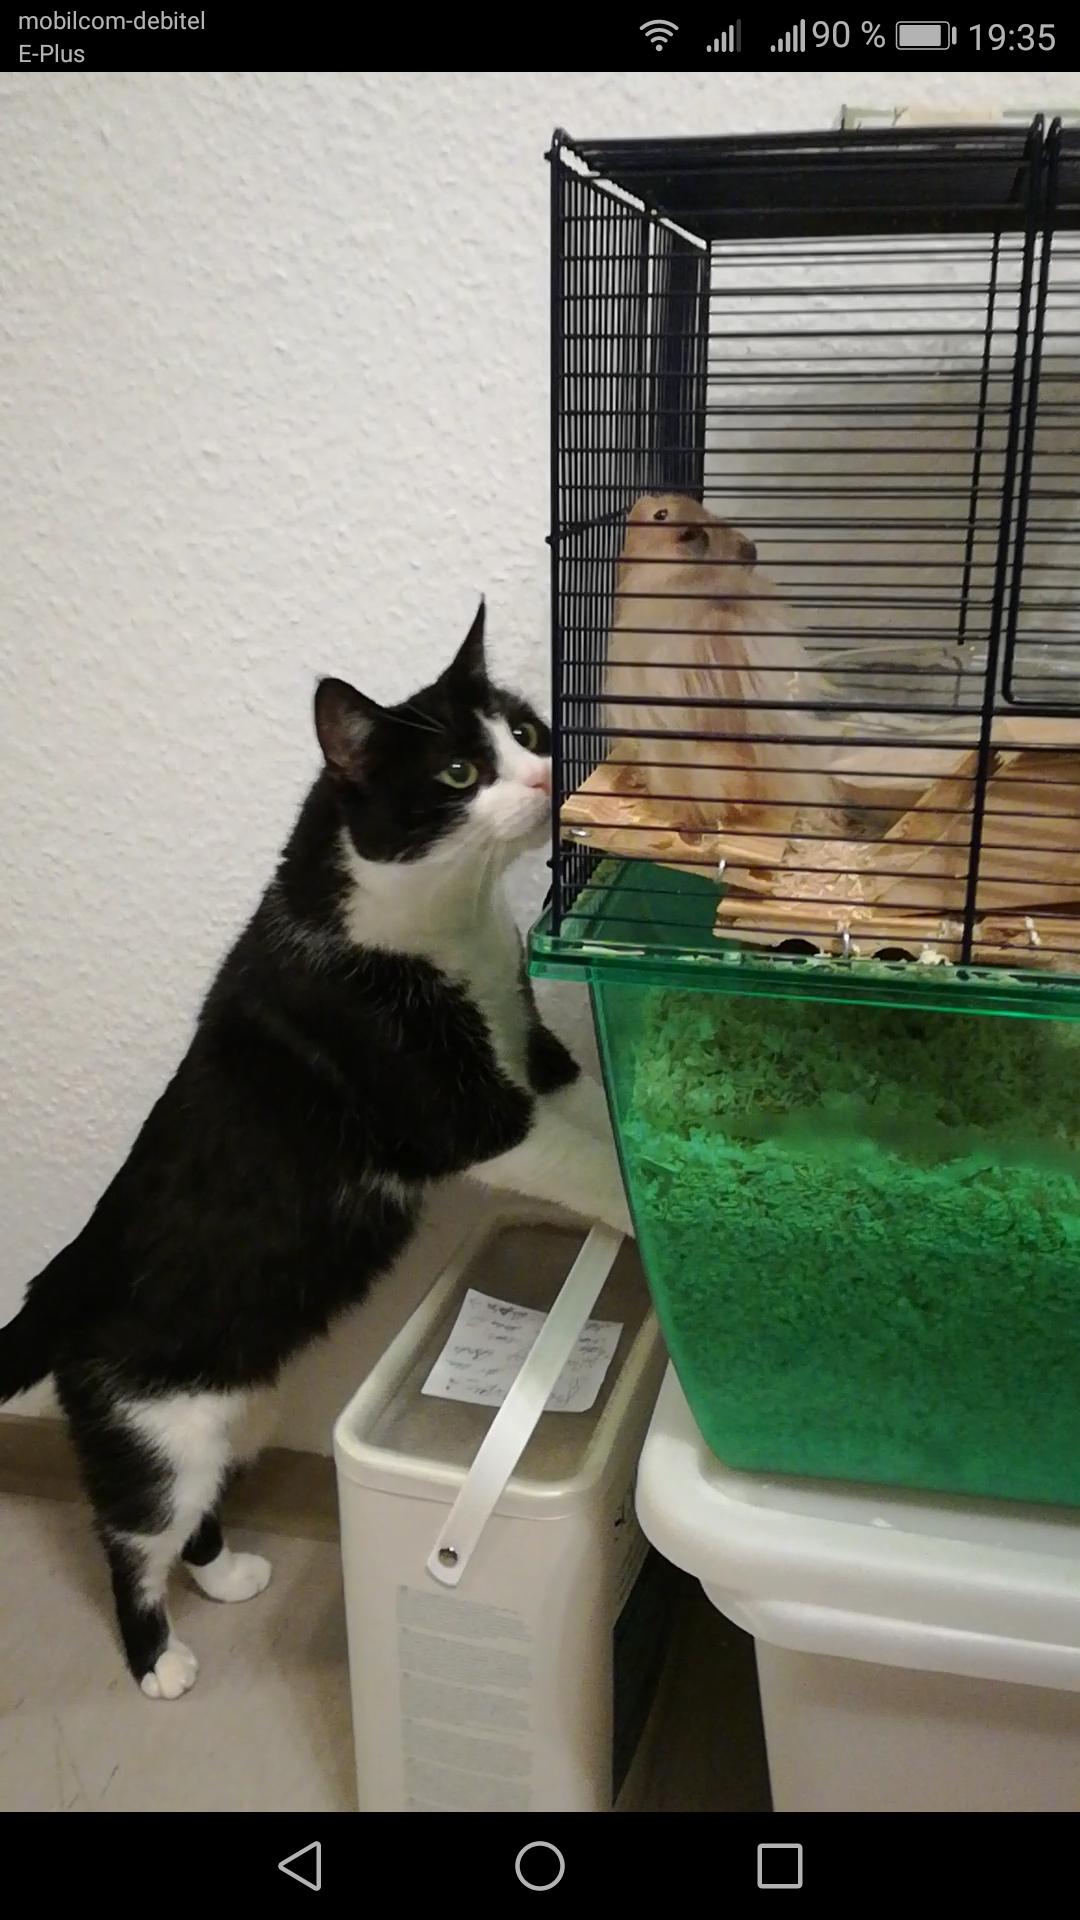 Die neugierige Katze schaut in den Käfig